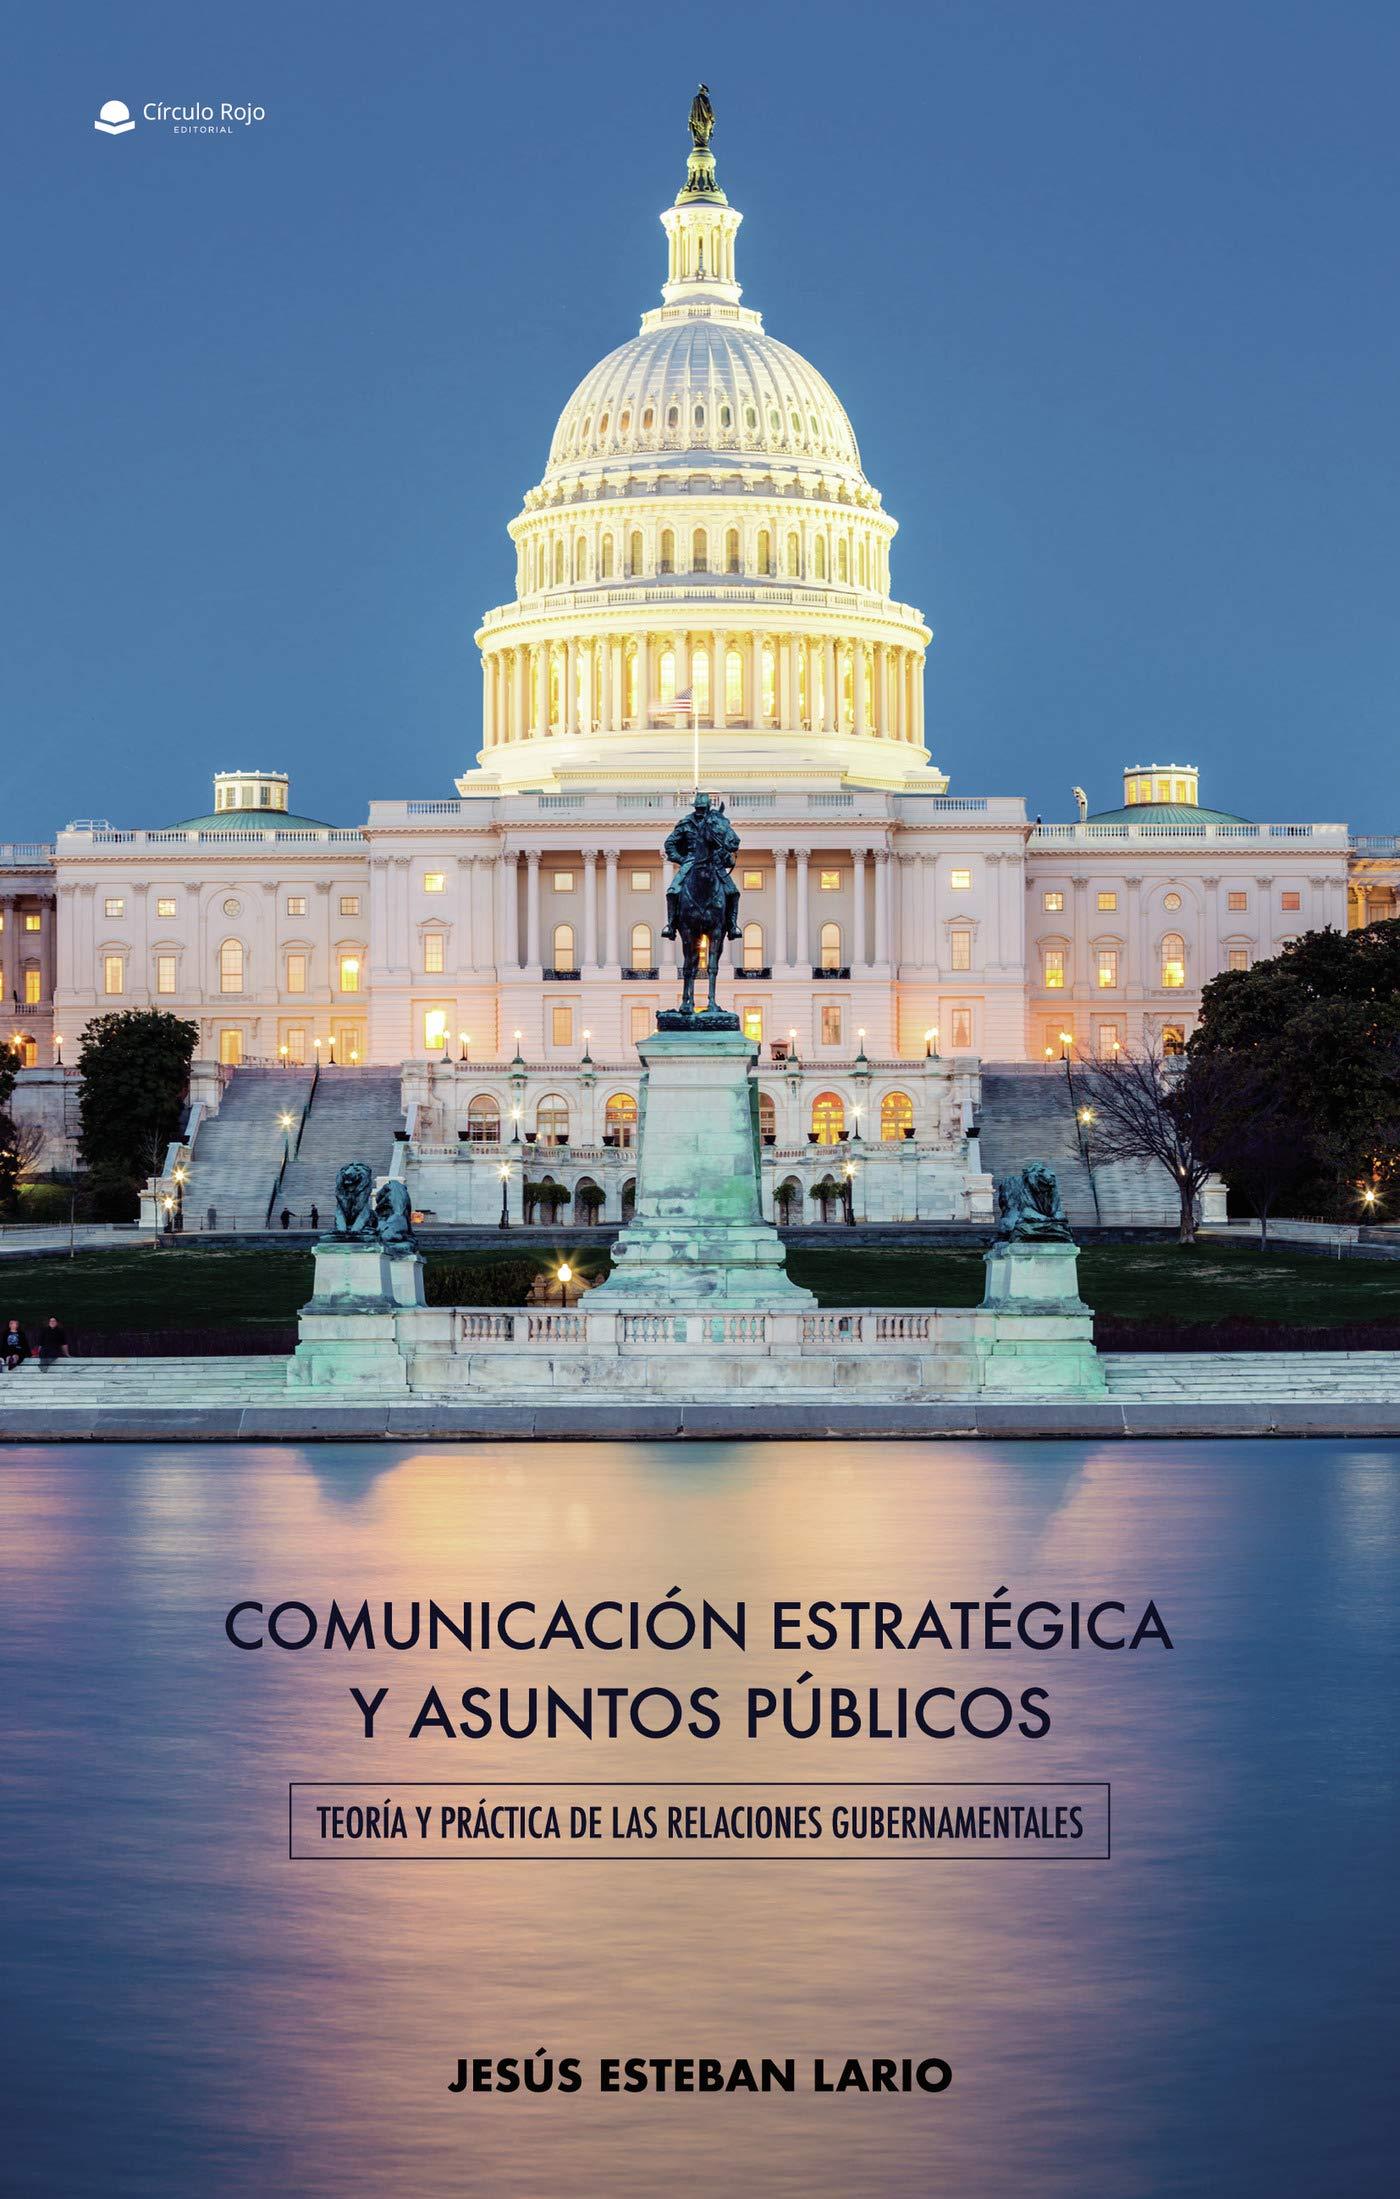 Comunicación estratégica y asuntos públicos. Teoría y práctica de las relaciones gubernamentales: Amazon.es: Esteban, Jesús Esteban: Libros